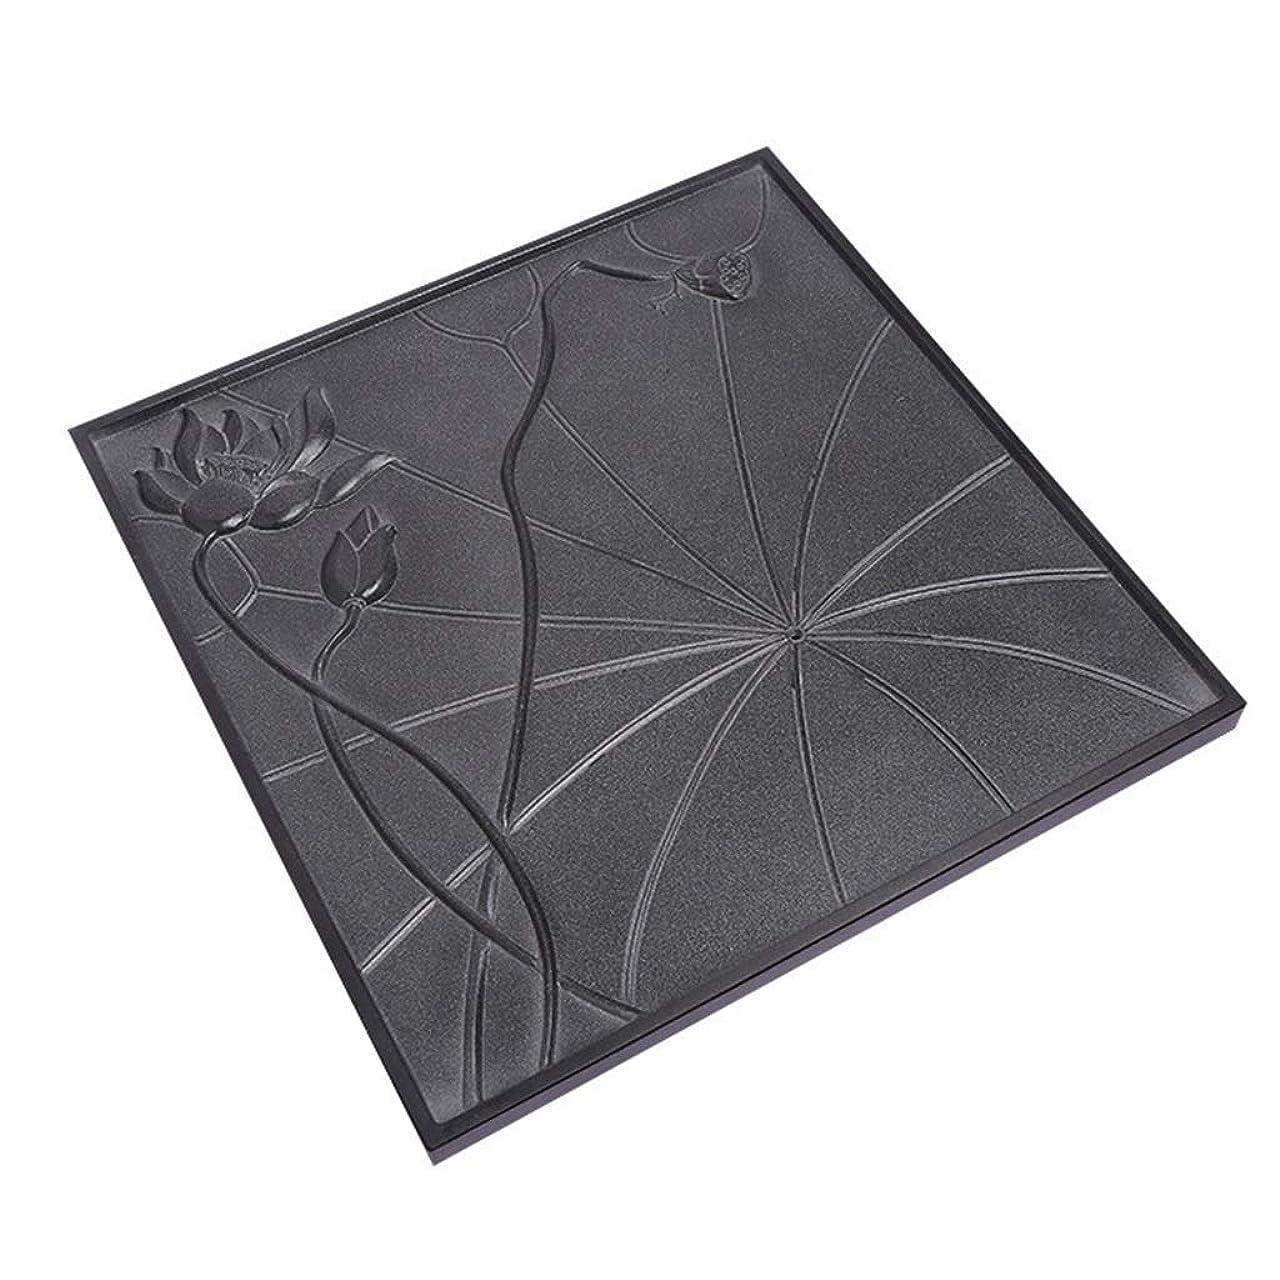 富豪いとこリネン無垢材のティートレイホームシンプルなティーセット長方形の貯水と排水のティーテーブルオフィス用ウッドティーテーブル中国のカンフーティーセット ティー用品 (Color : Black, Size : 50x50x3cm)